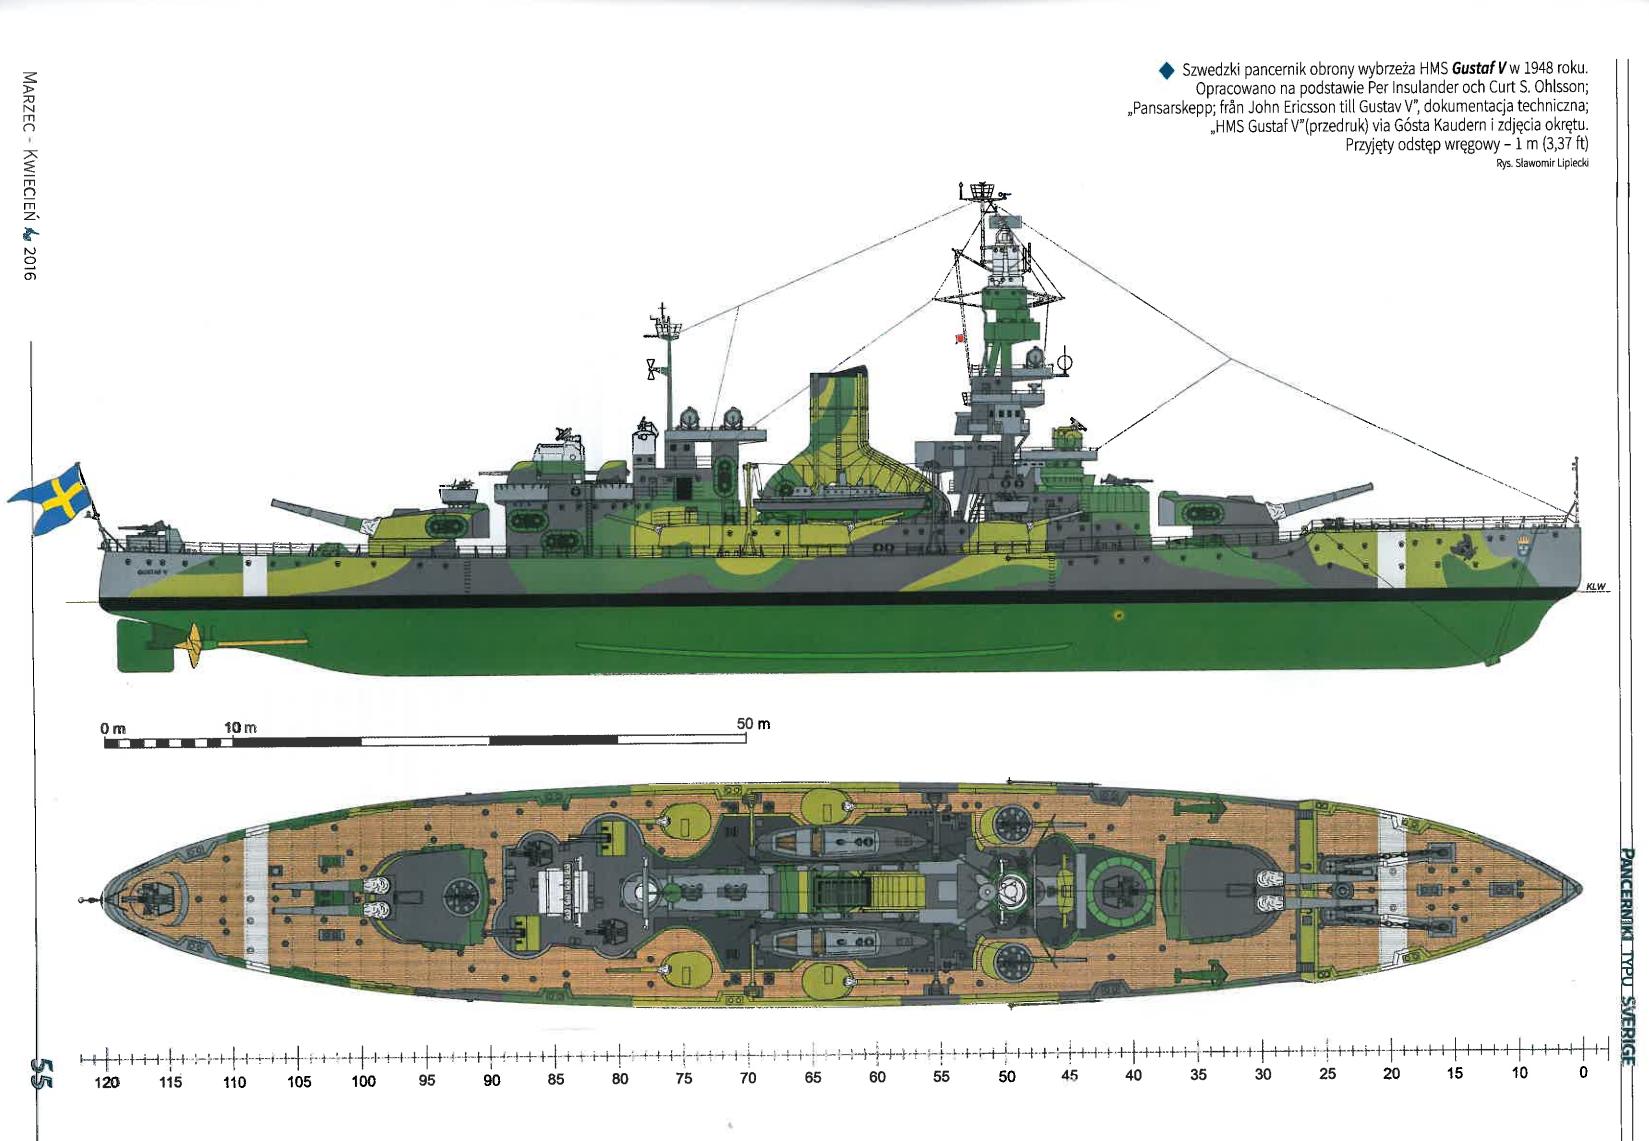 Hswms Gustaw V  Sverige Class Coast Defence Ship